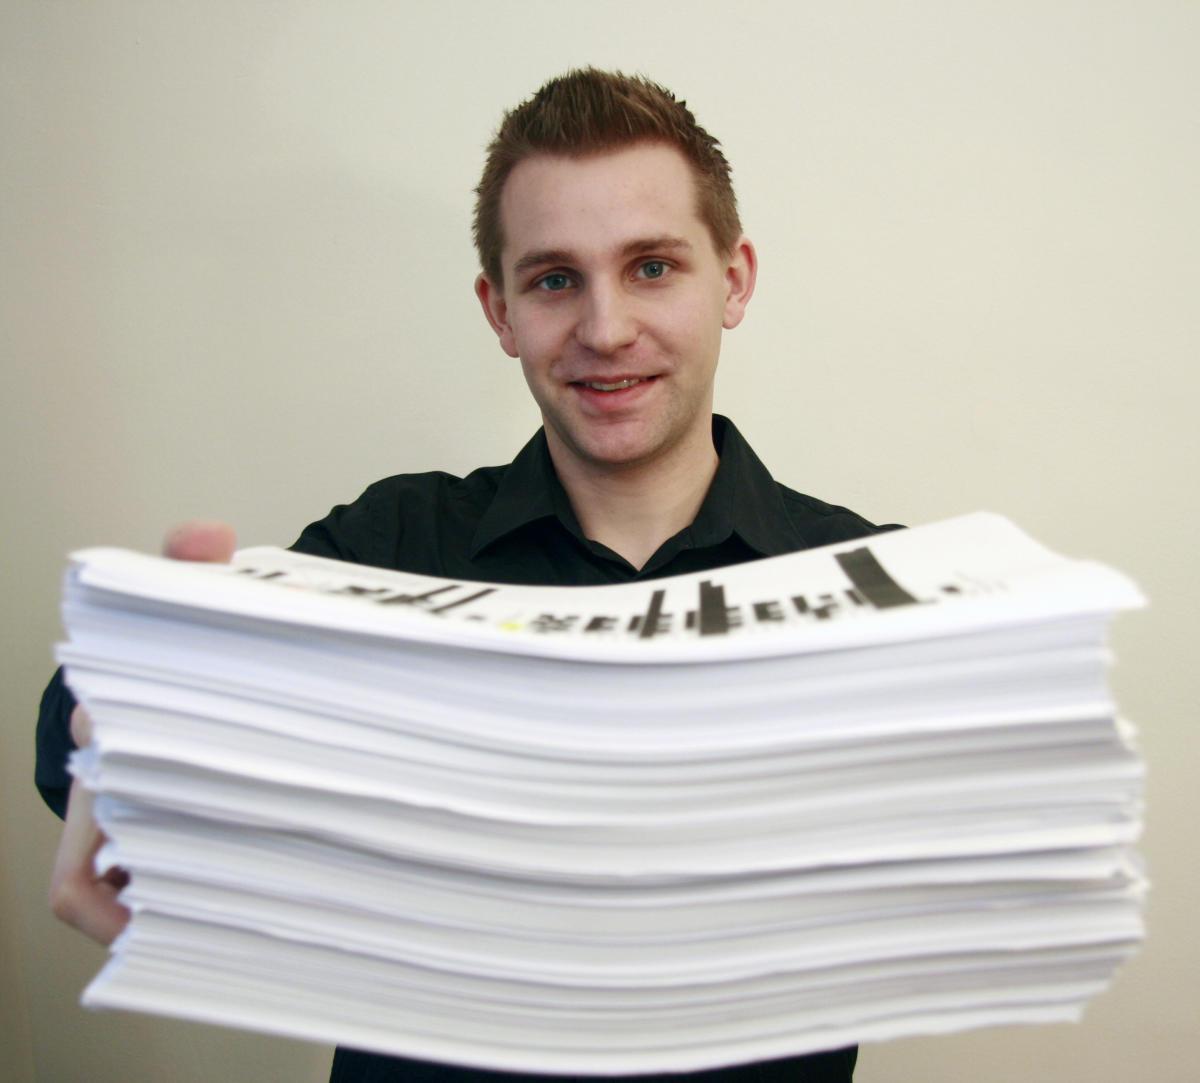 Maximilian Schrems pose avec les 1 200 pages d'informations collectées sur lui par Facebook.